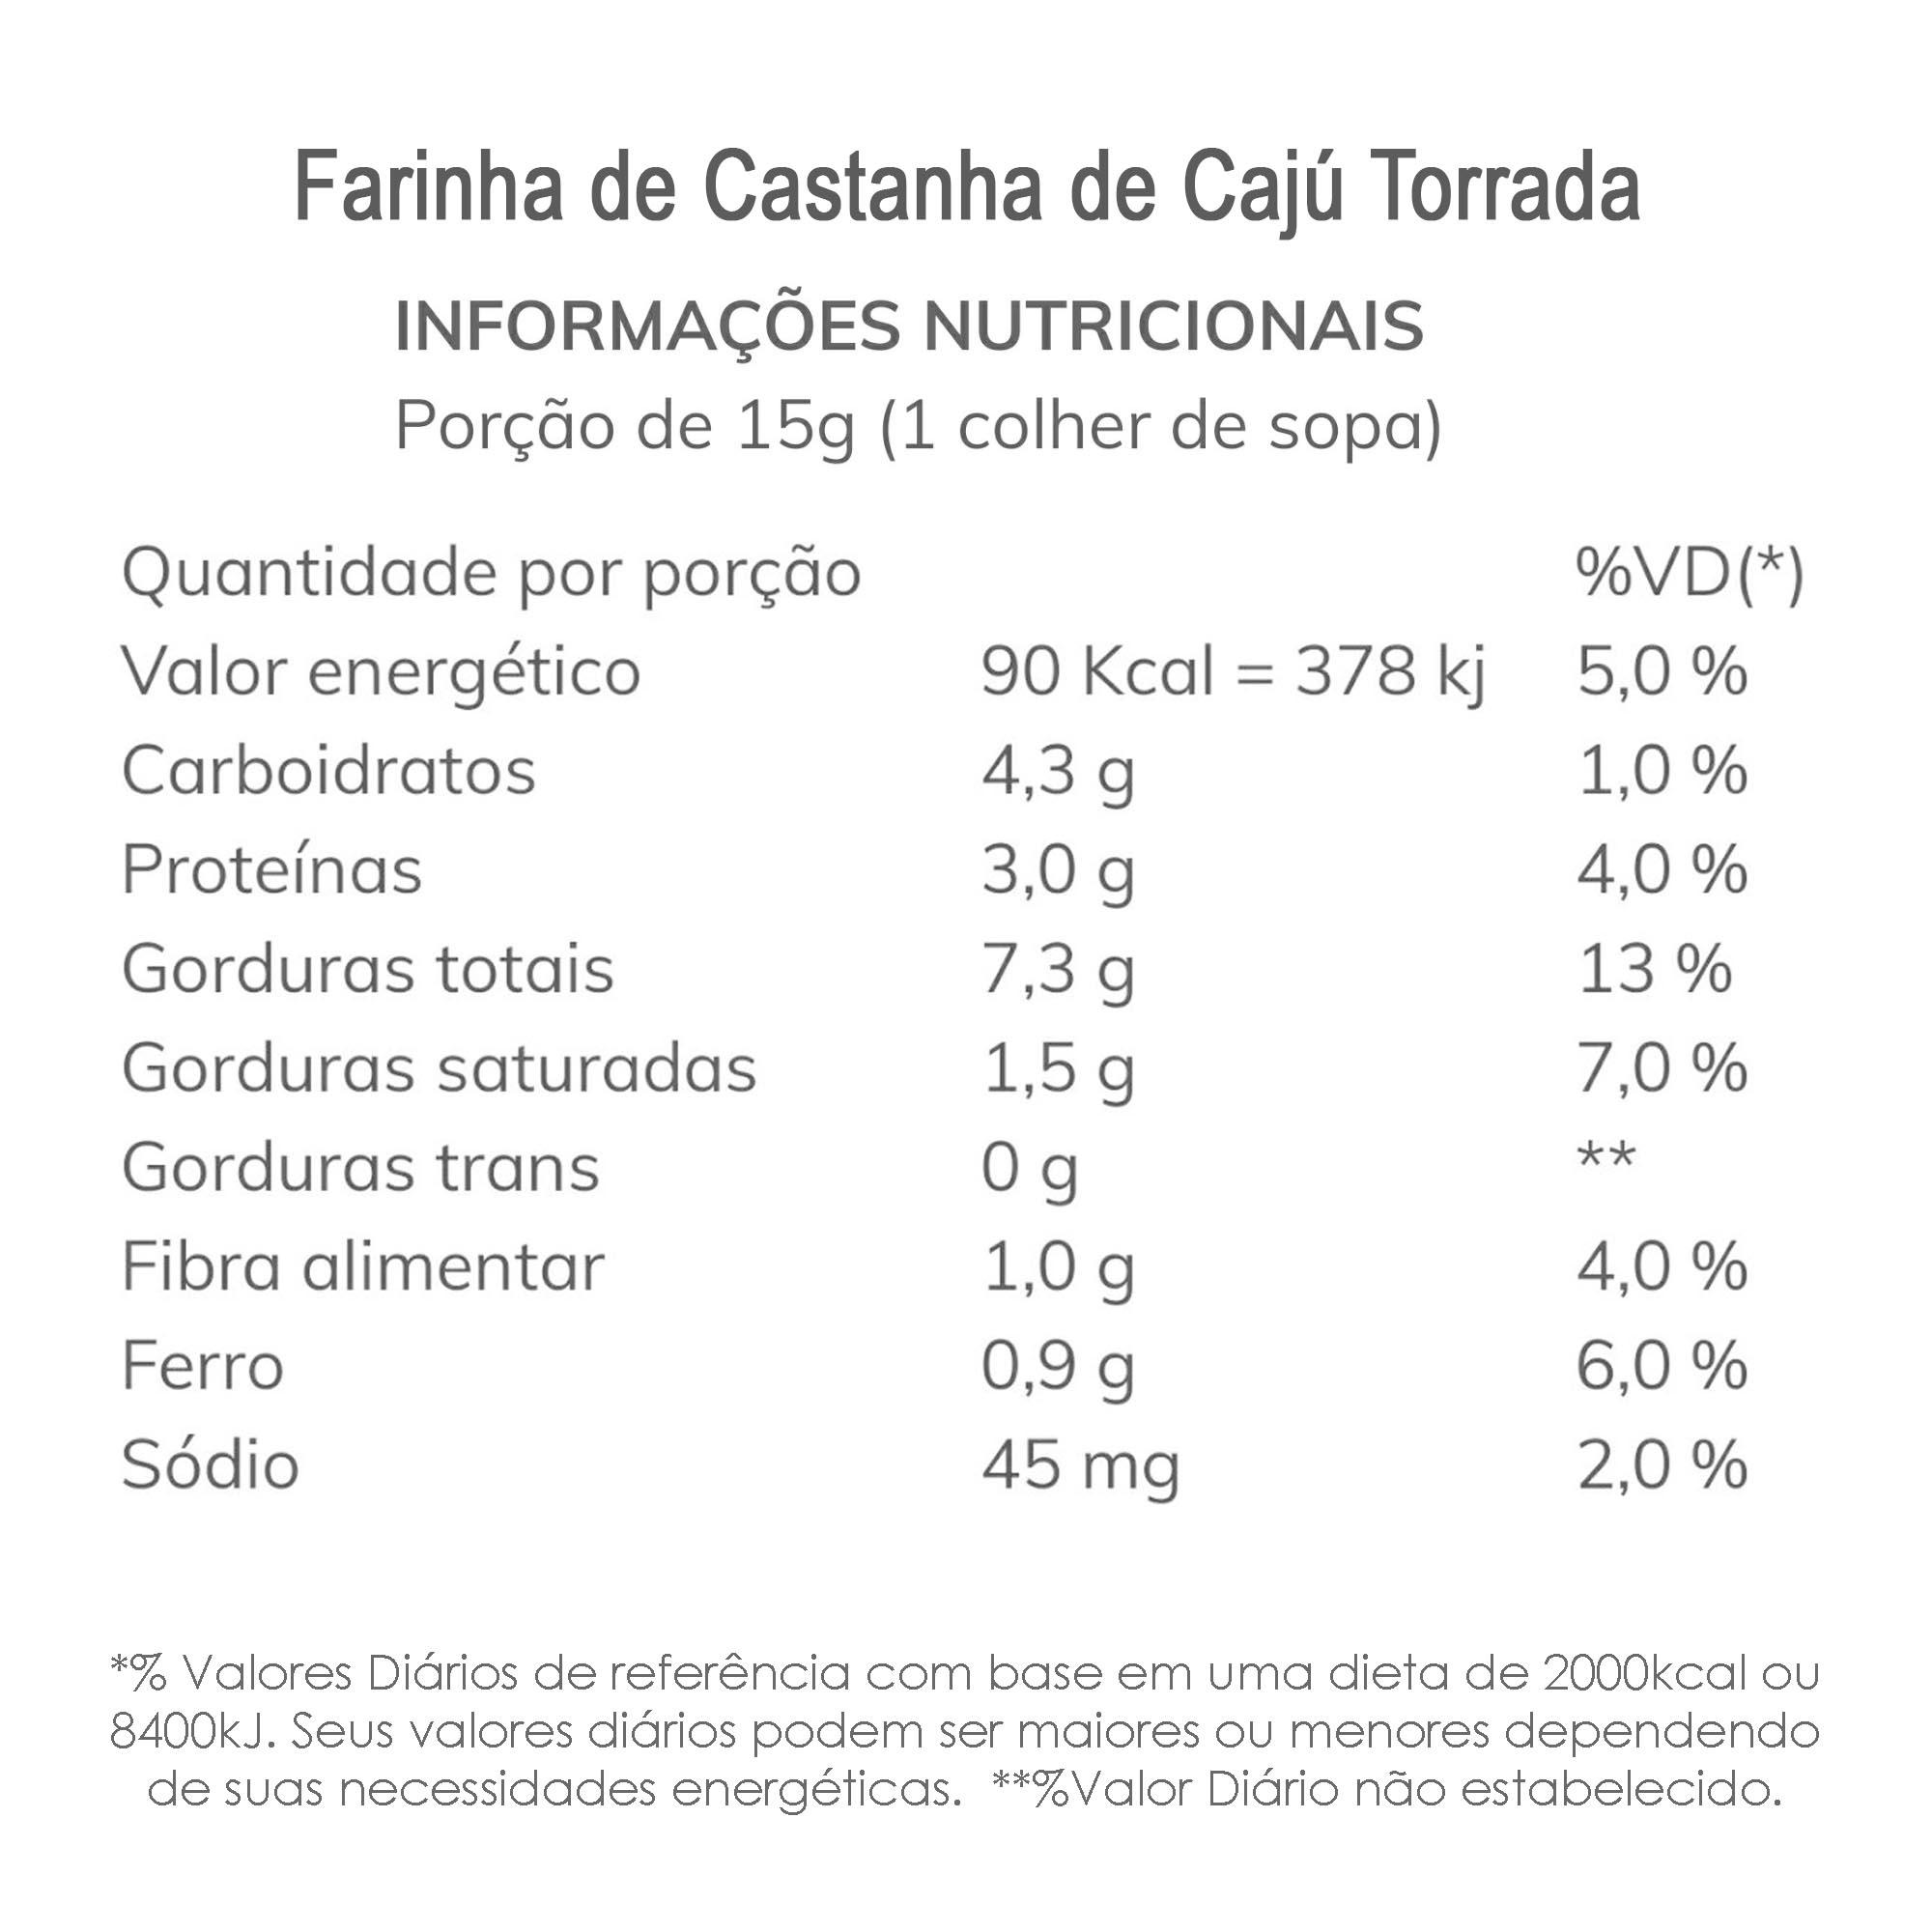 Farinha de Castanha de Cajú (Torrada) 1kg  - TLC Tudo Low Carb